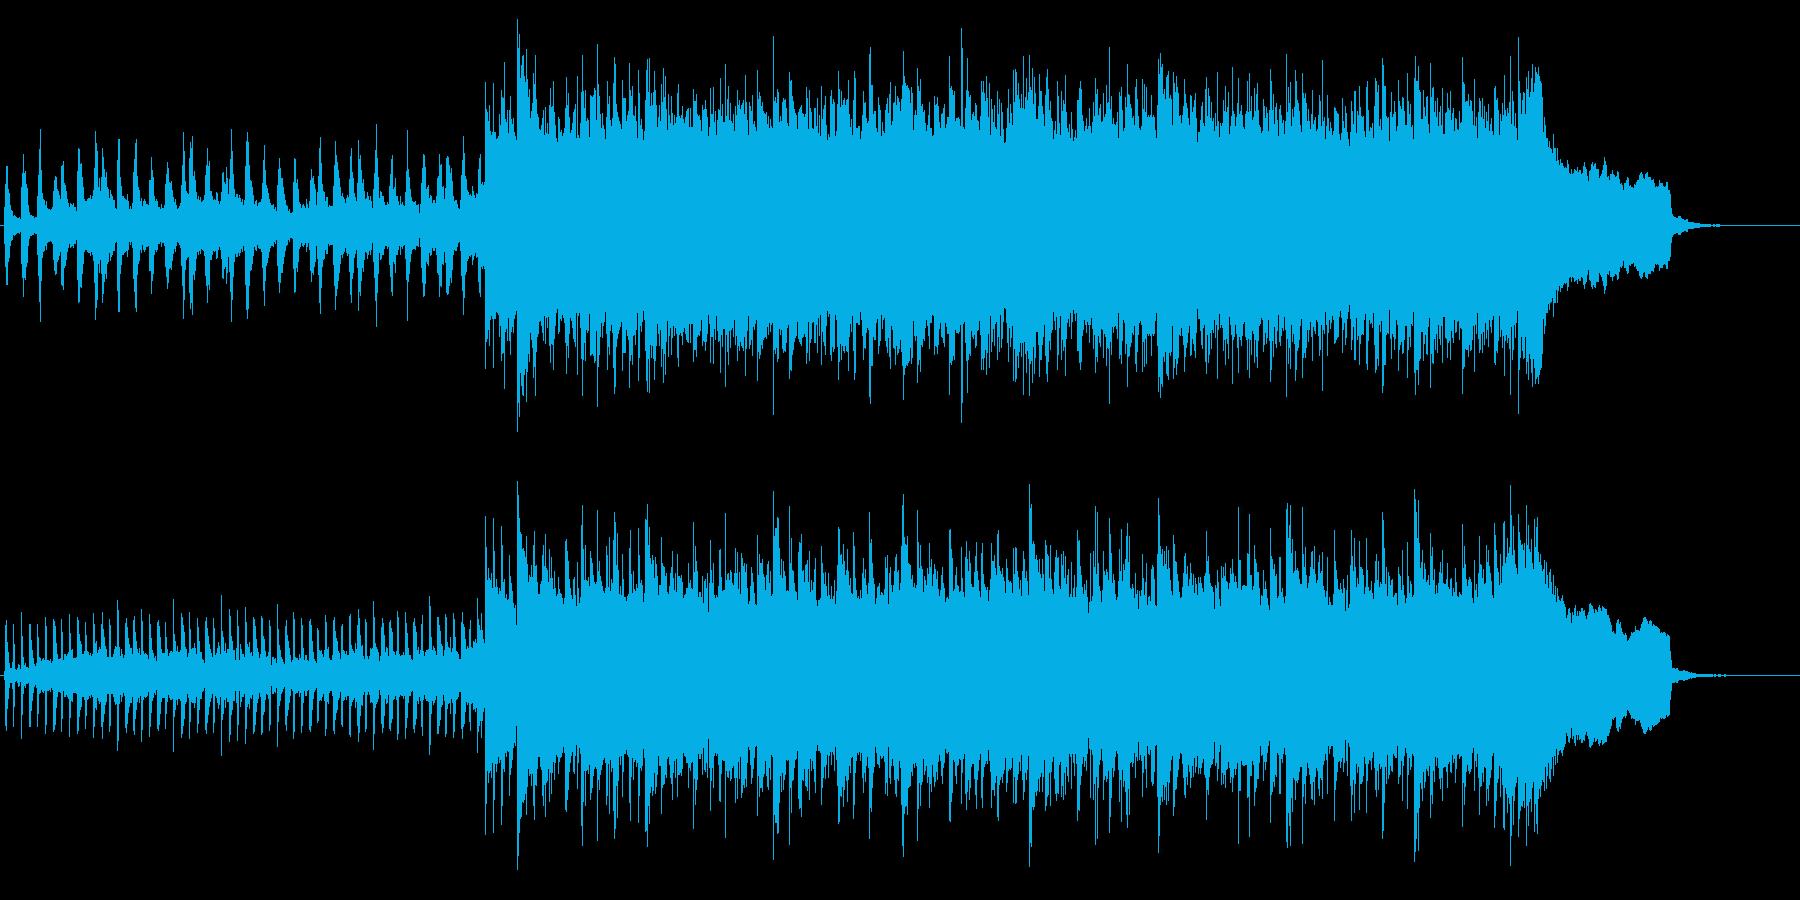 躍動感溢れるストリングス&ロックギターの再生済みの波形